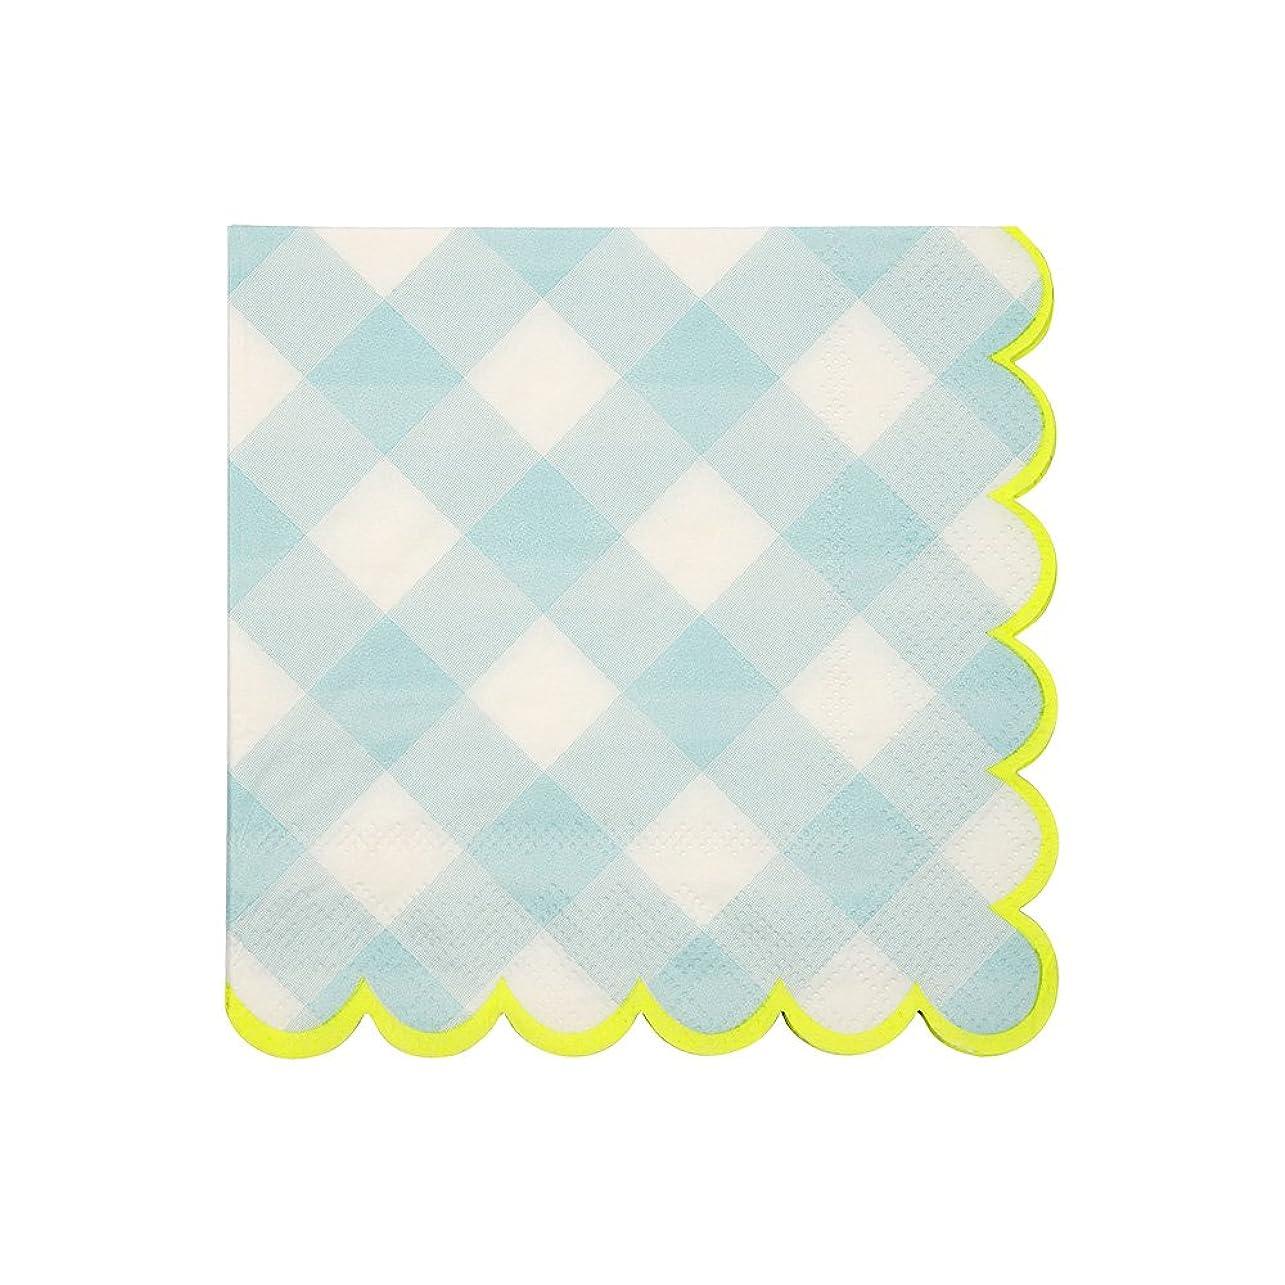 飢えた面激怒Meri Meri(メリメリ) ペーパーナプキン ブルー 約24.5x24.5cm BLUE GINGHAM SMALL NAPKIN 45-3212 20枚入